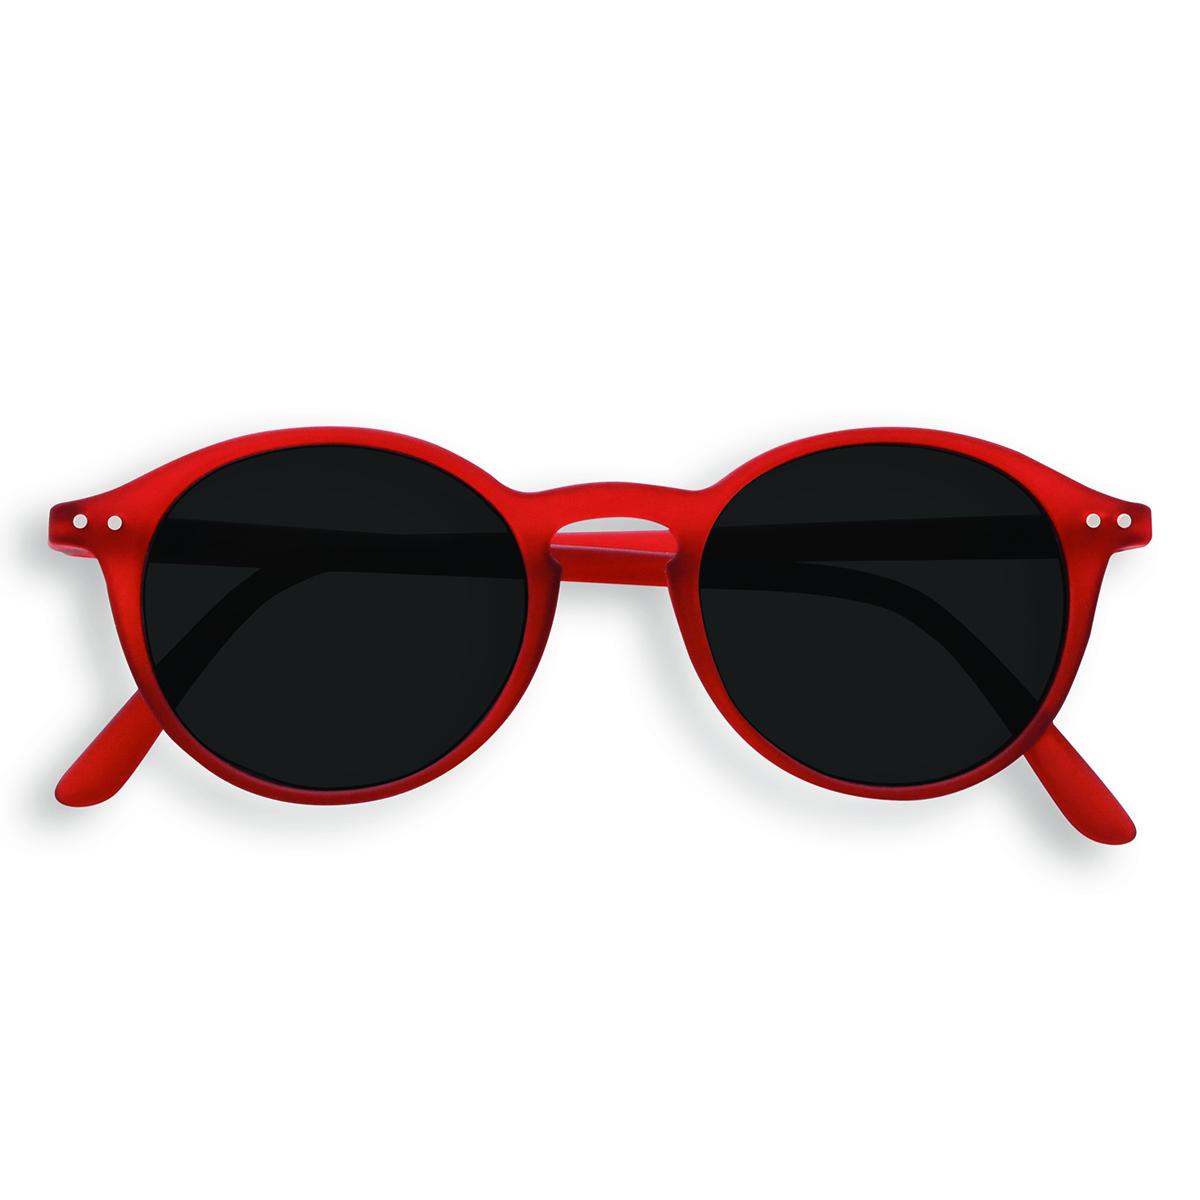 Accessoires bébé Lunettes de Soleil Junior Red - 3/10 Ans Lunettes de Soleil Junior Red - 3/10 Ans